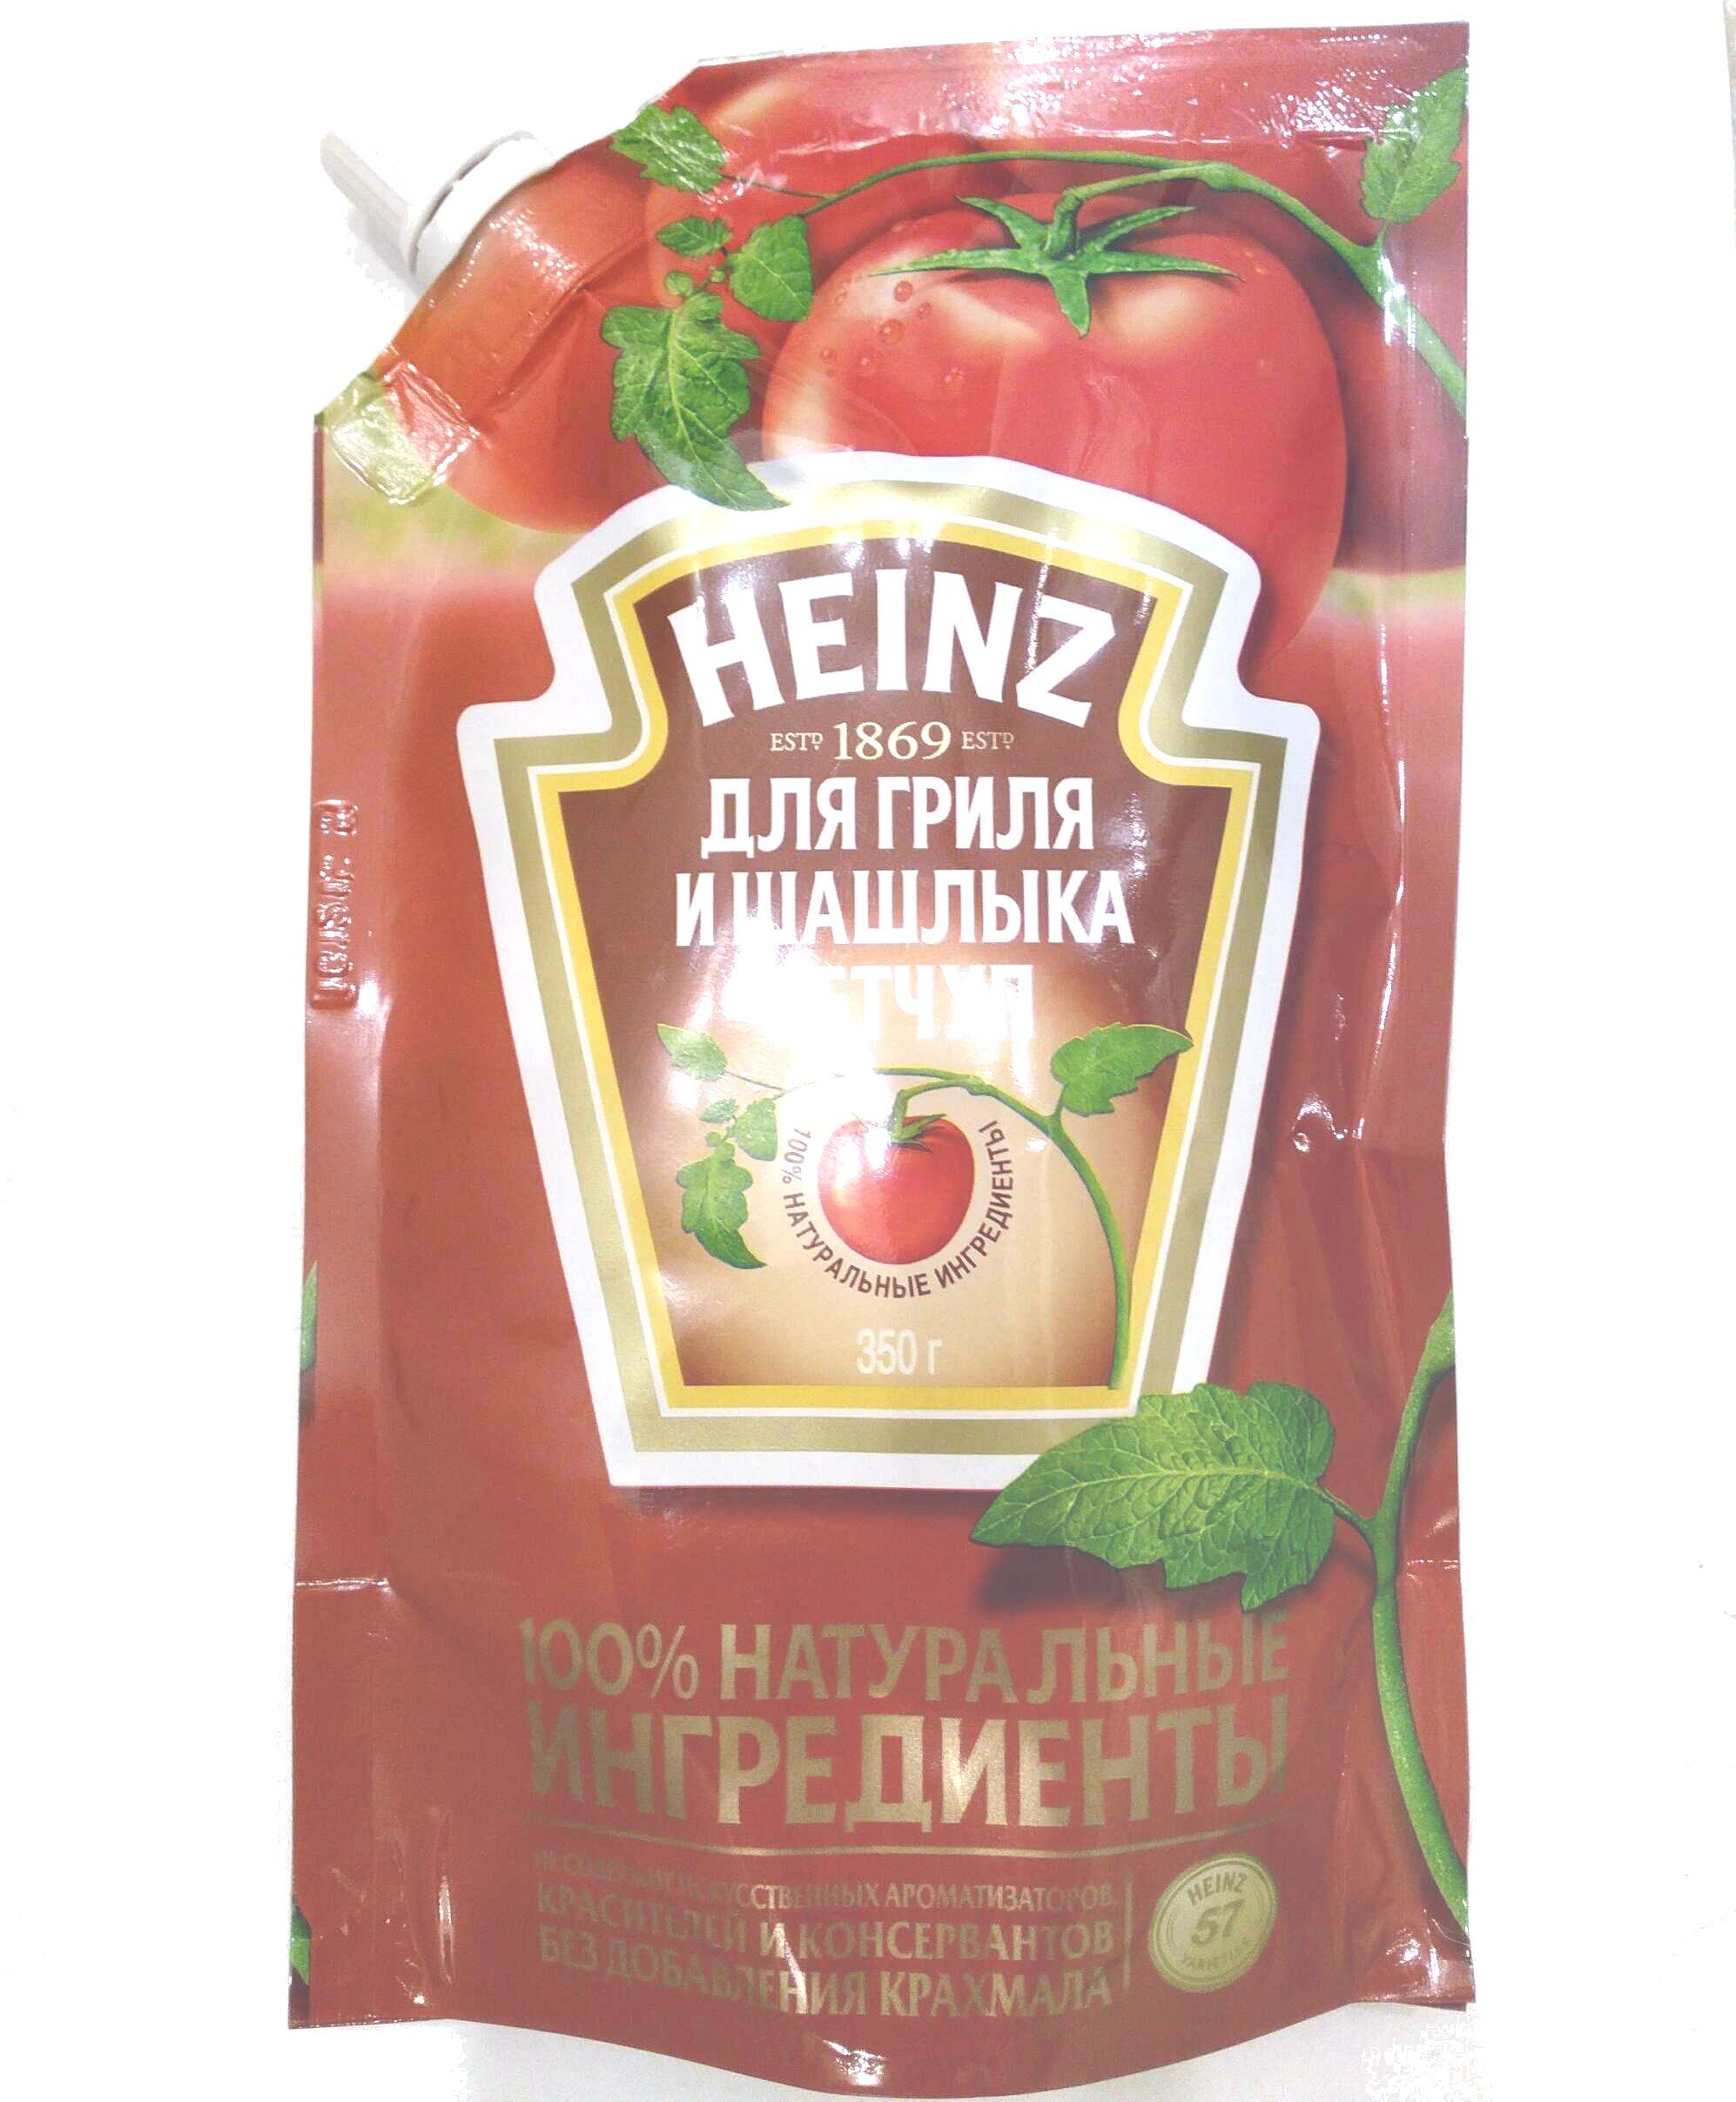 Кетчуп для гриля и шашлыка - Produit - ru